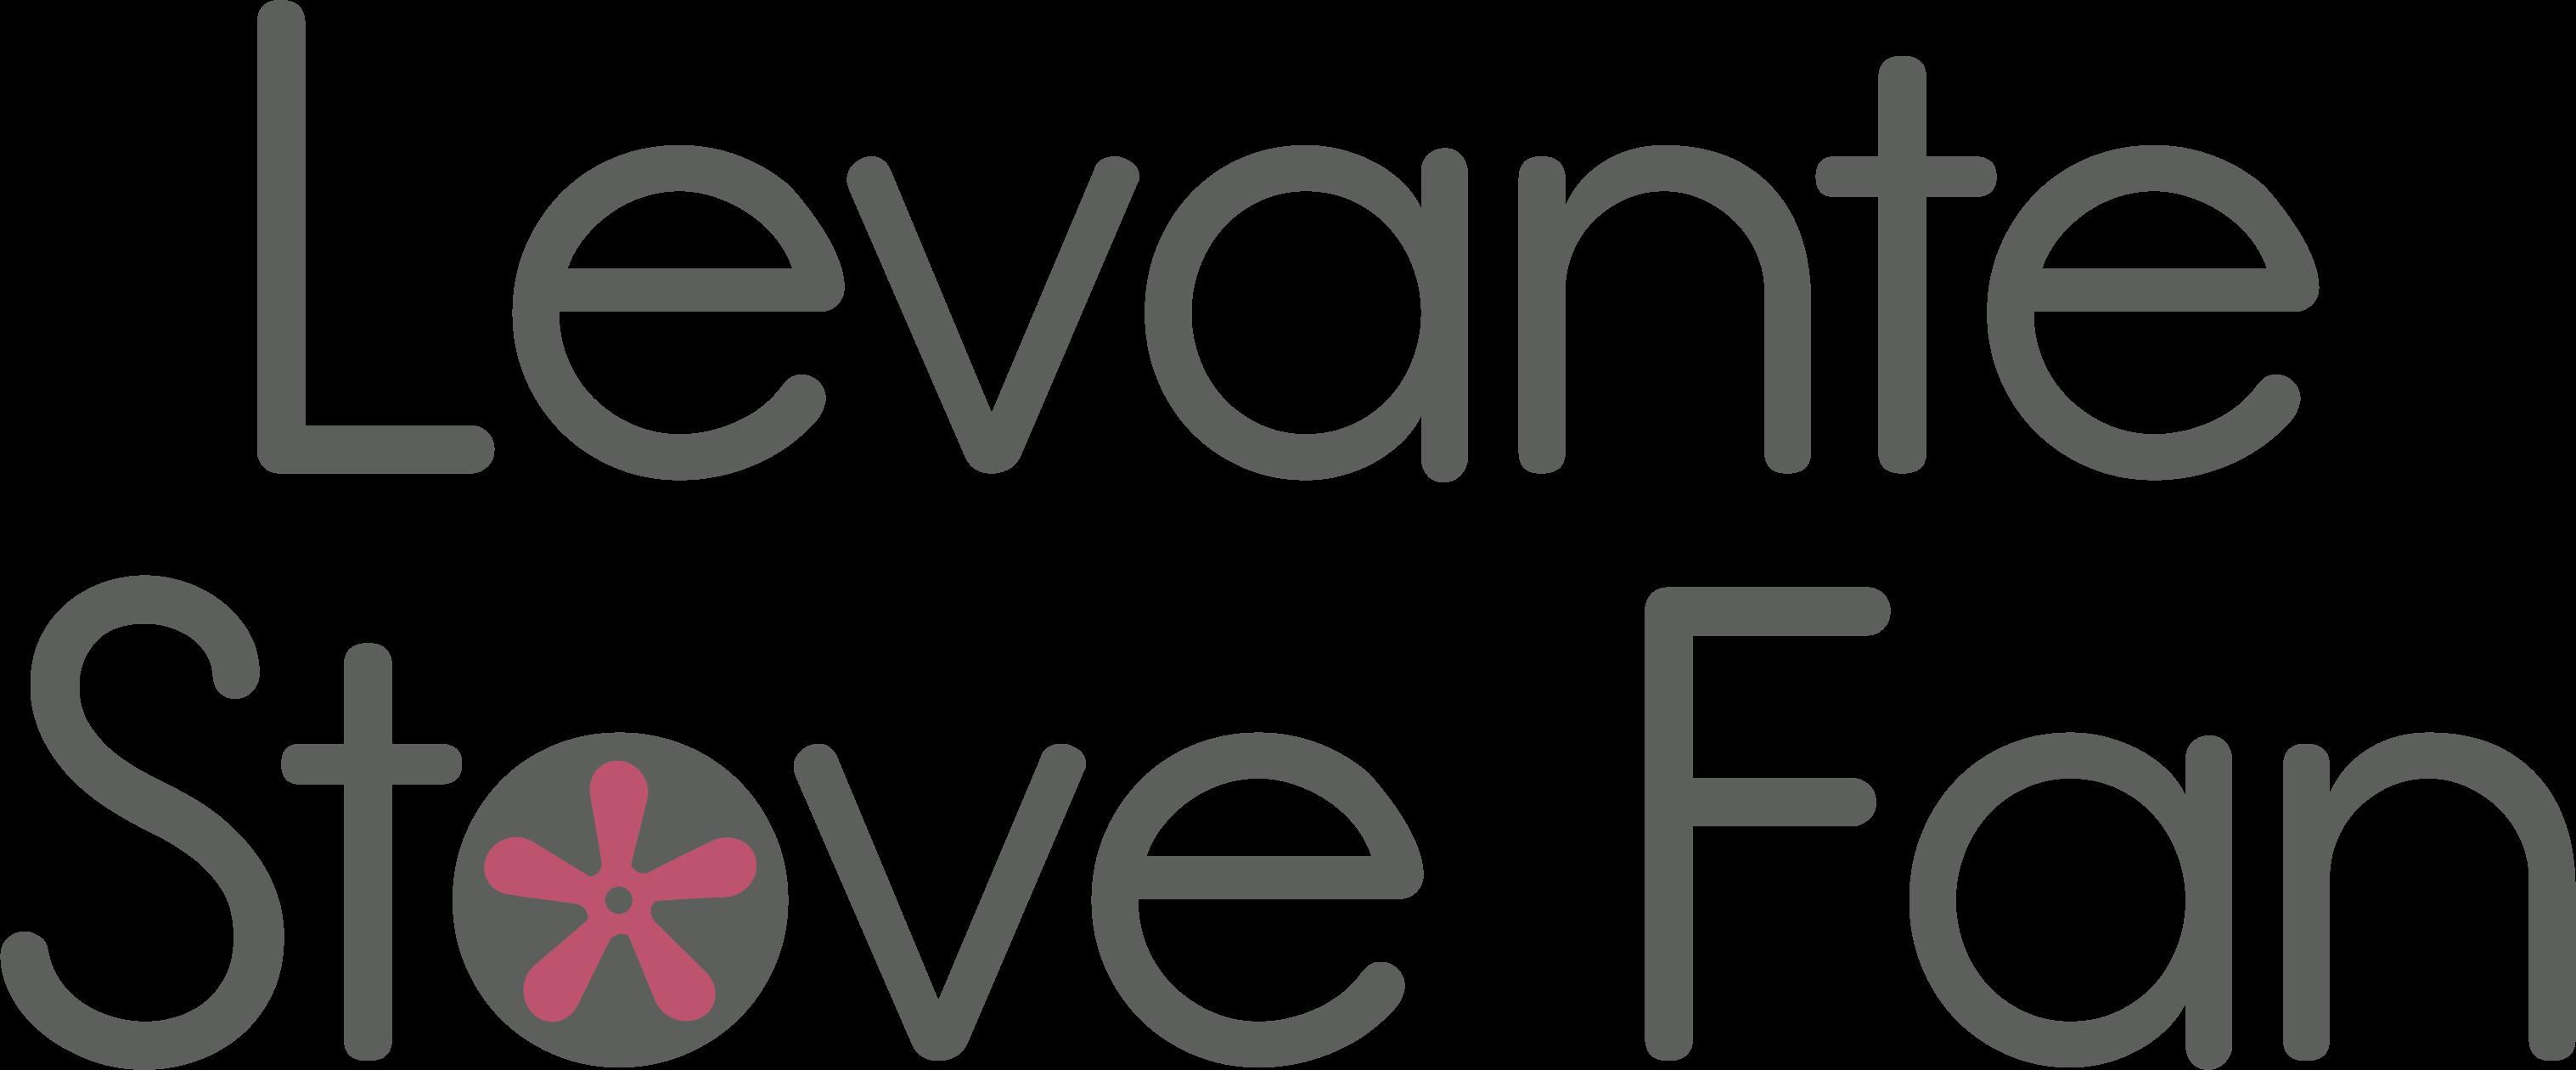 Levante Stove Fans